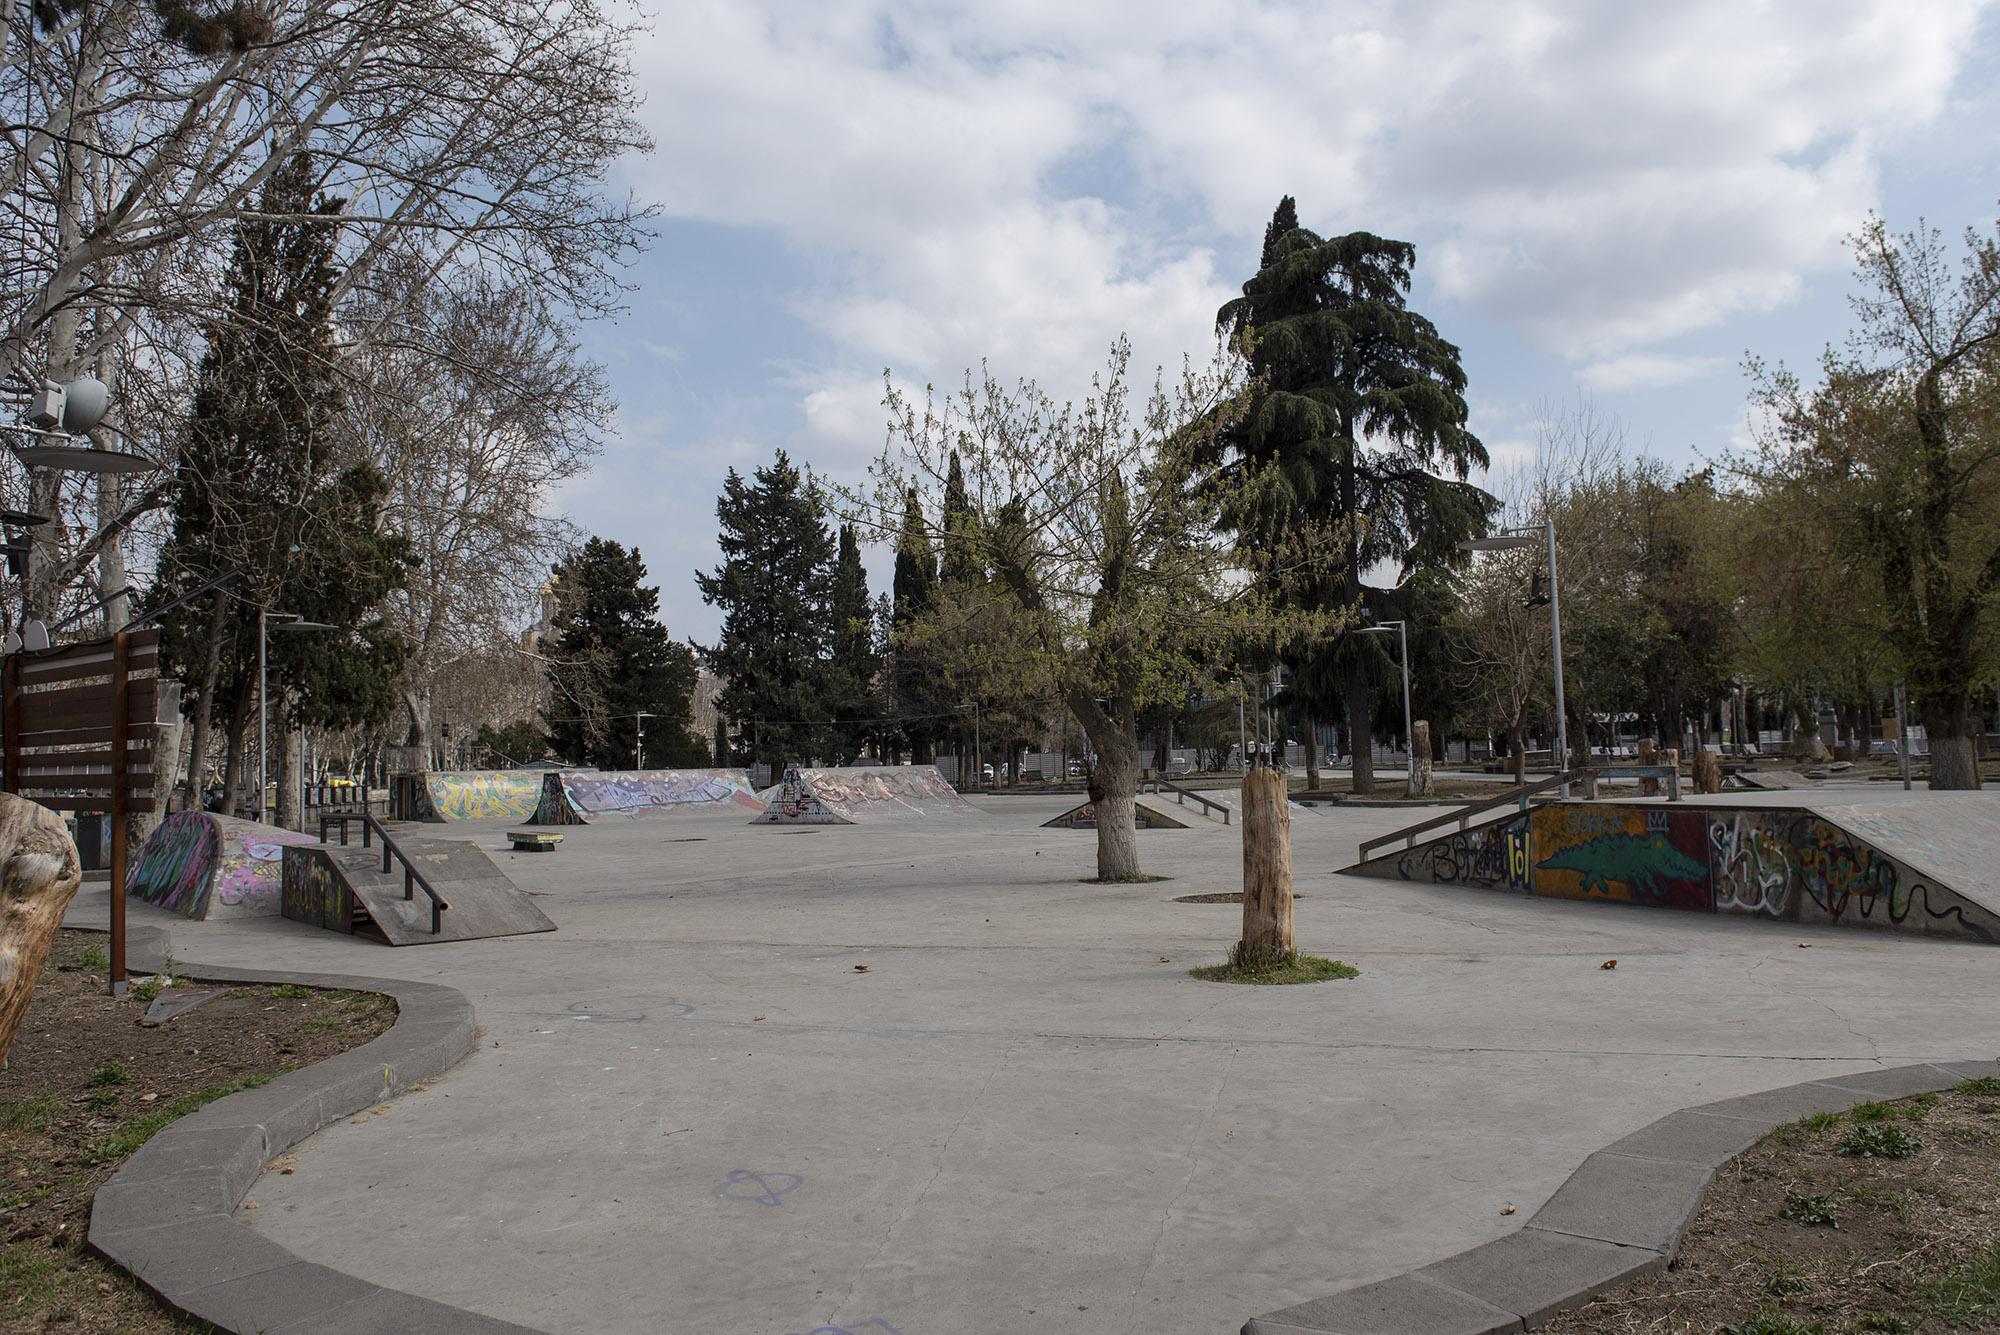 Пустой скейт-парк в парке Деда Эна. Фото: Мариам Никурадзе/OC Media.